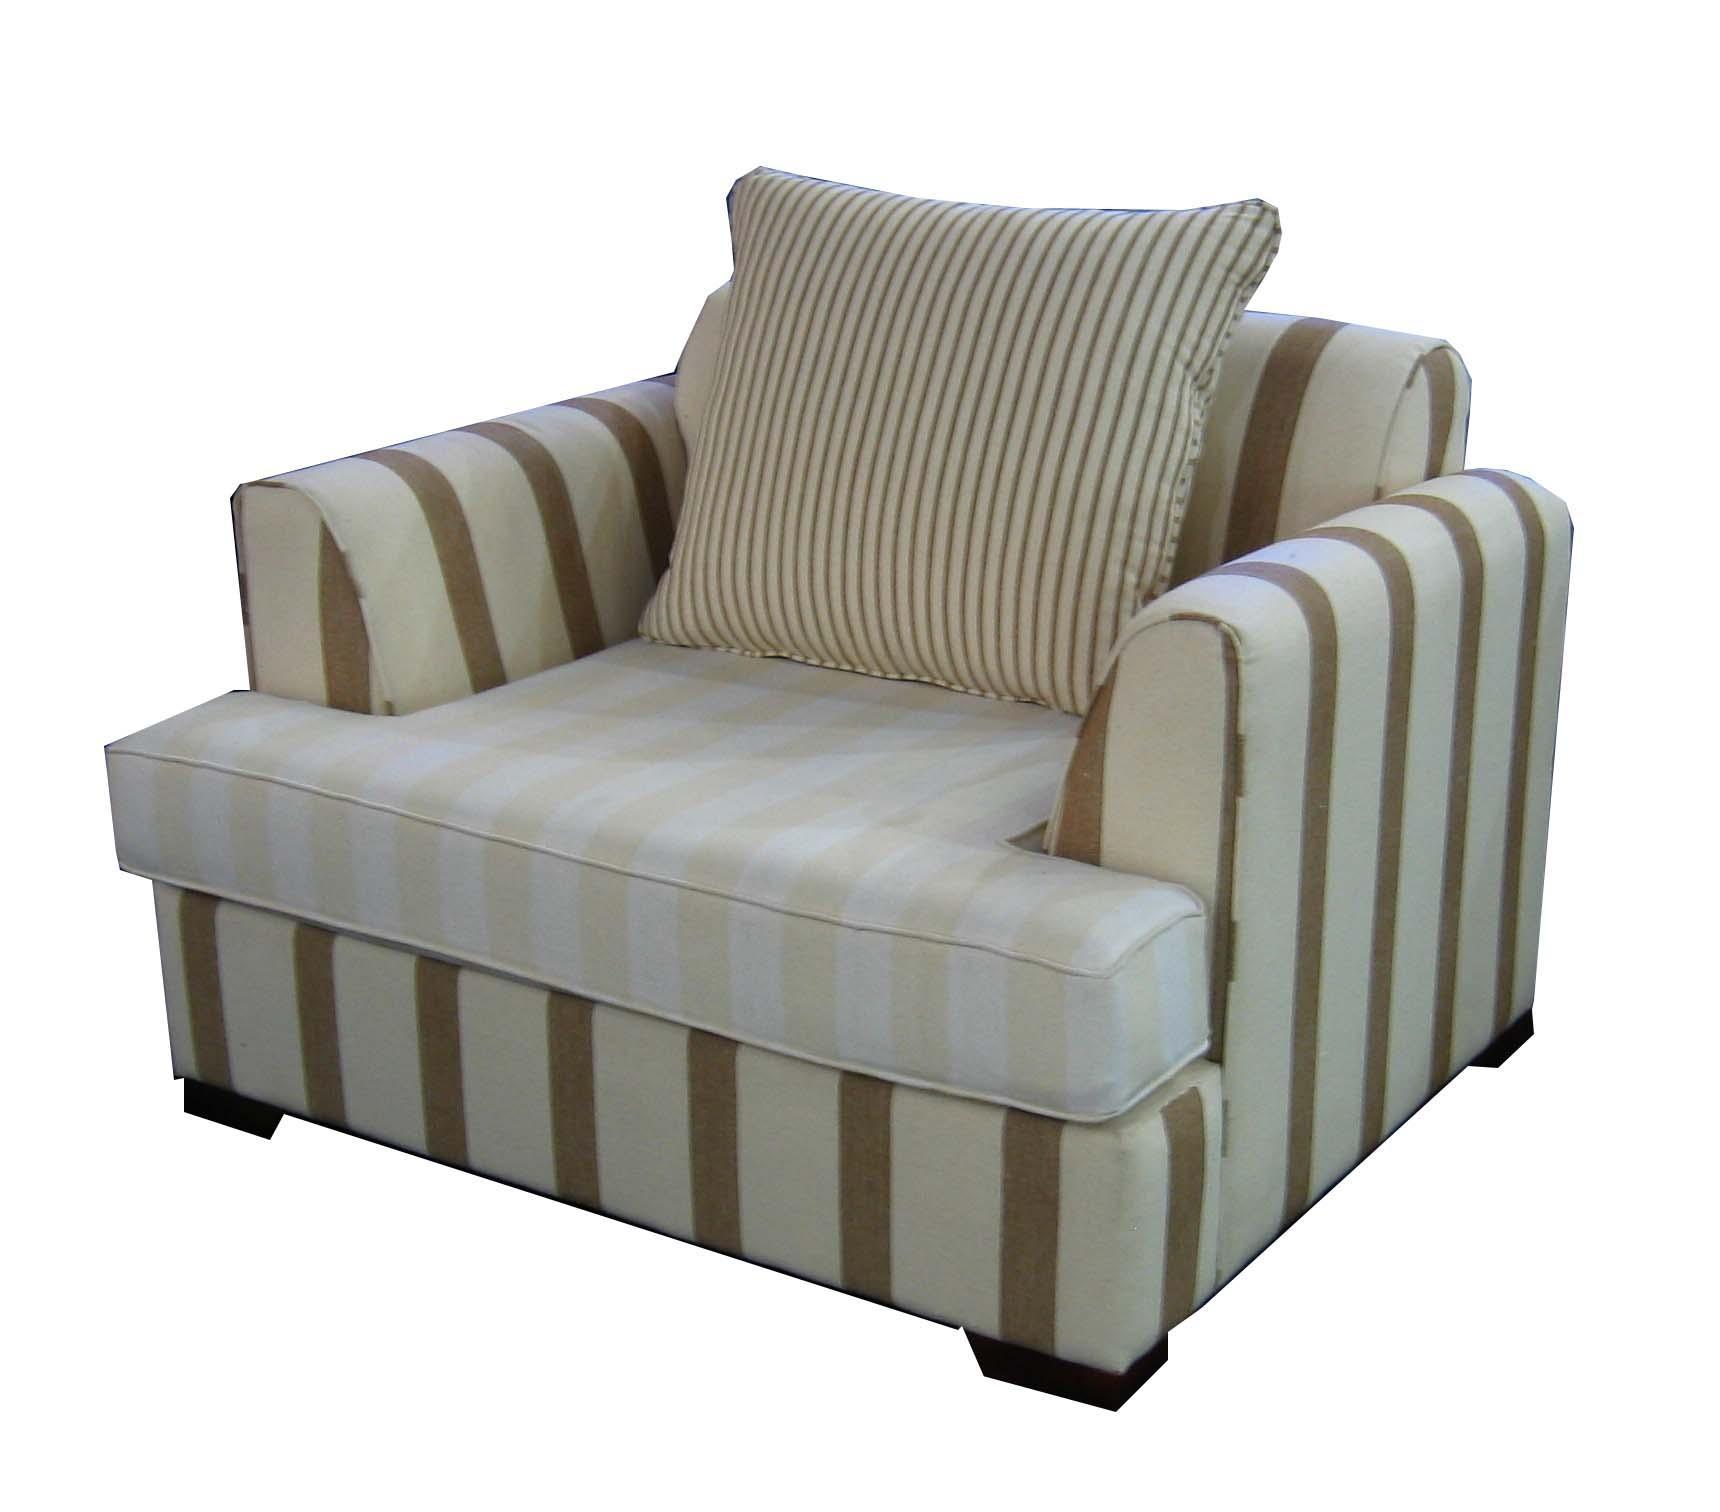 Sofas Center : Literarywondrous Single Sofa Chair Picture Ideas With Regard To Slipper Sofas (Image 12 of 20)